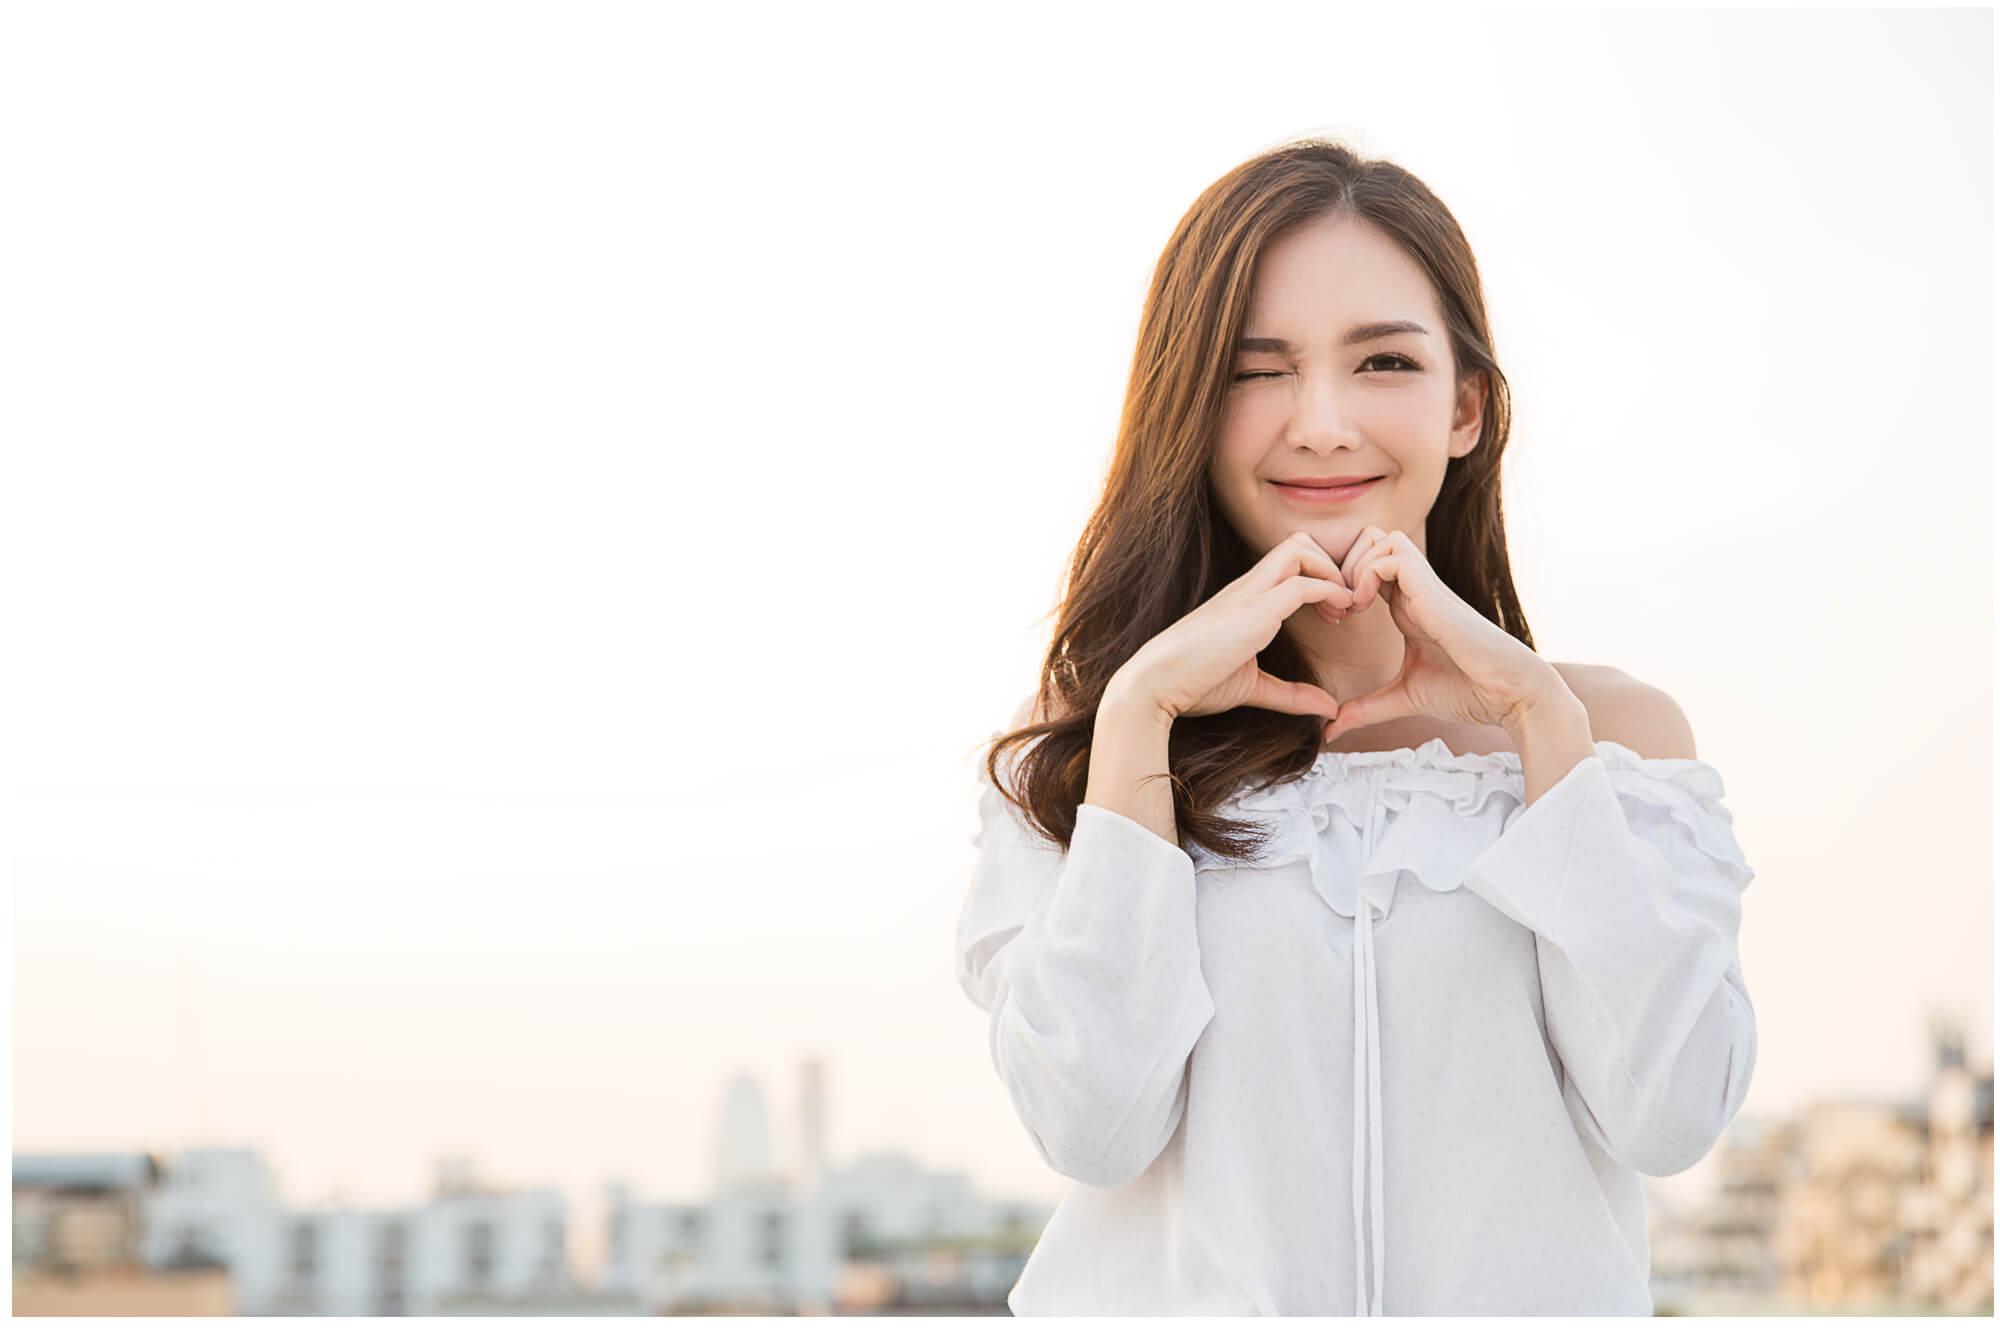 愛情をハートマークで表現する若い女性